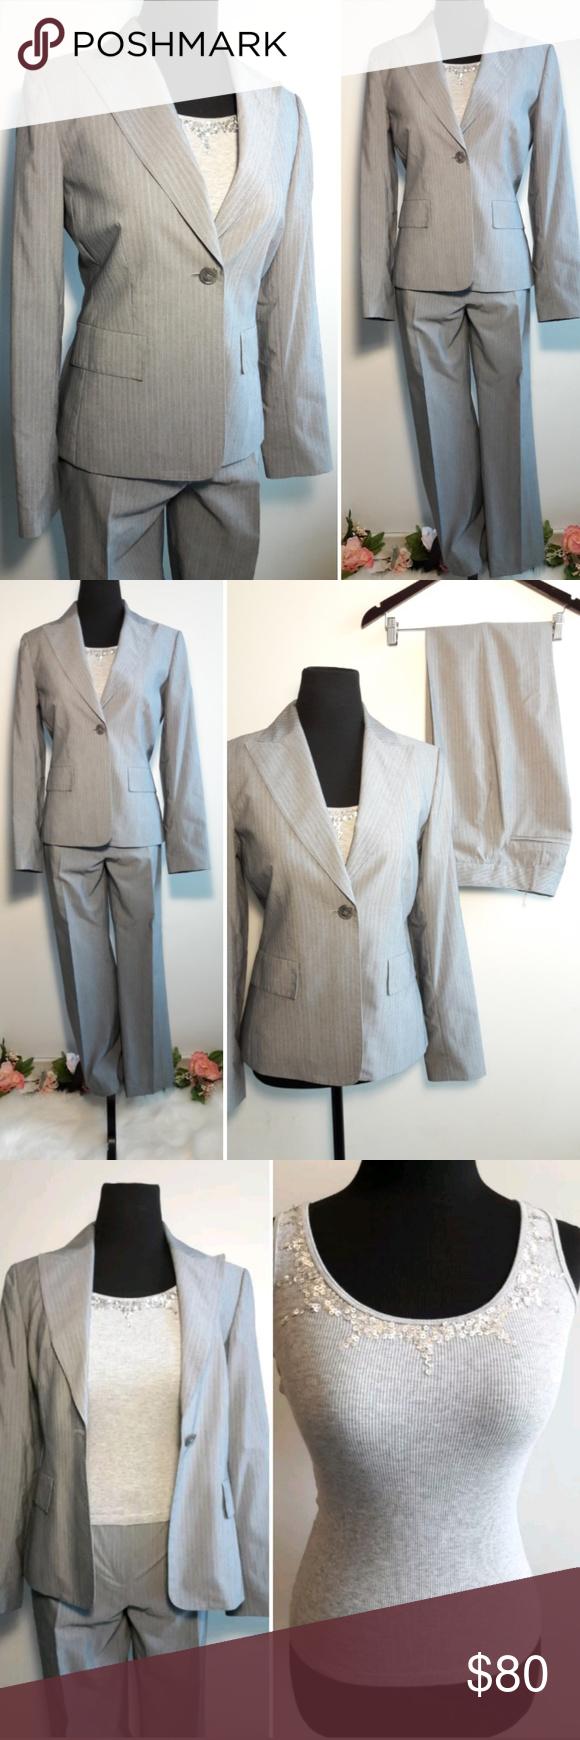 Anne Klein Pant Suits